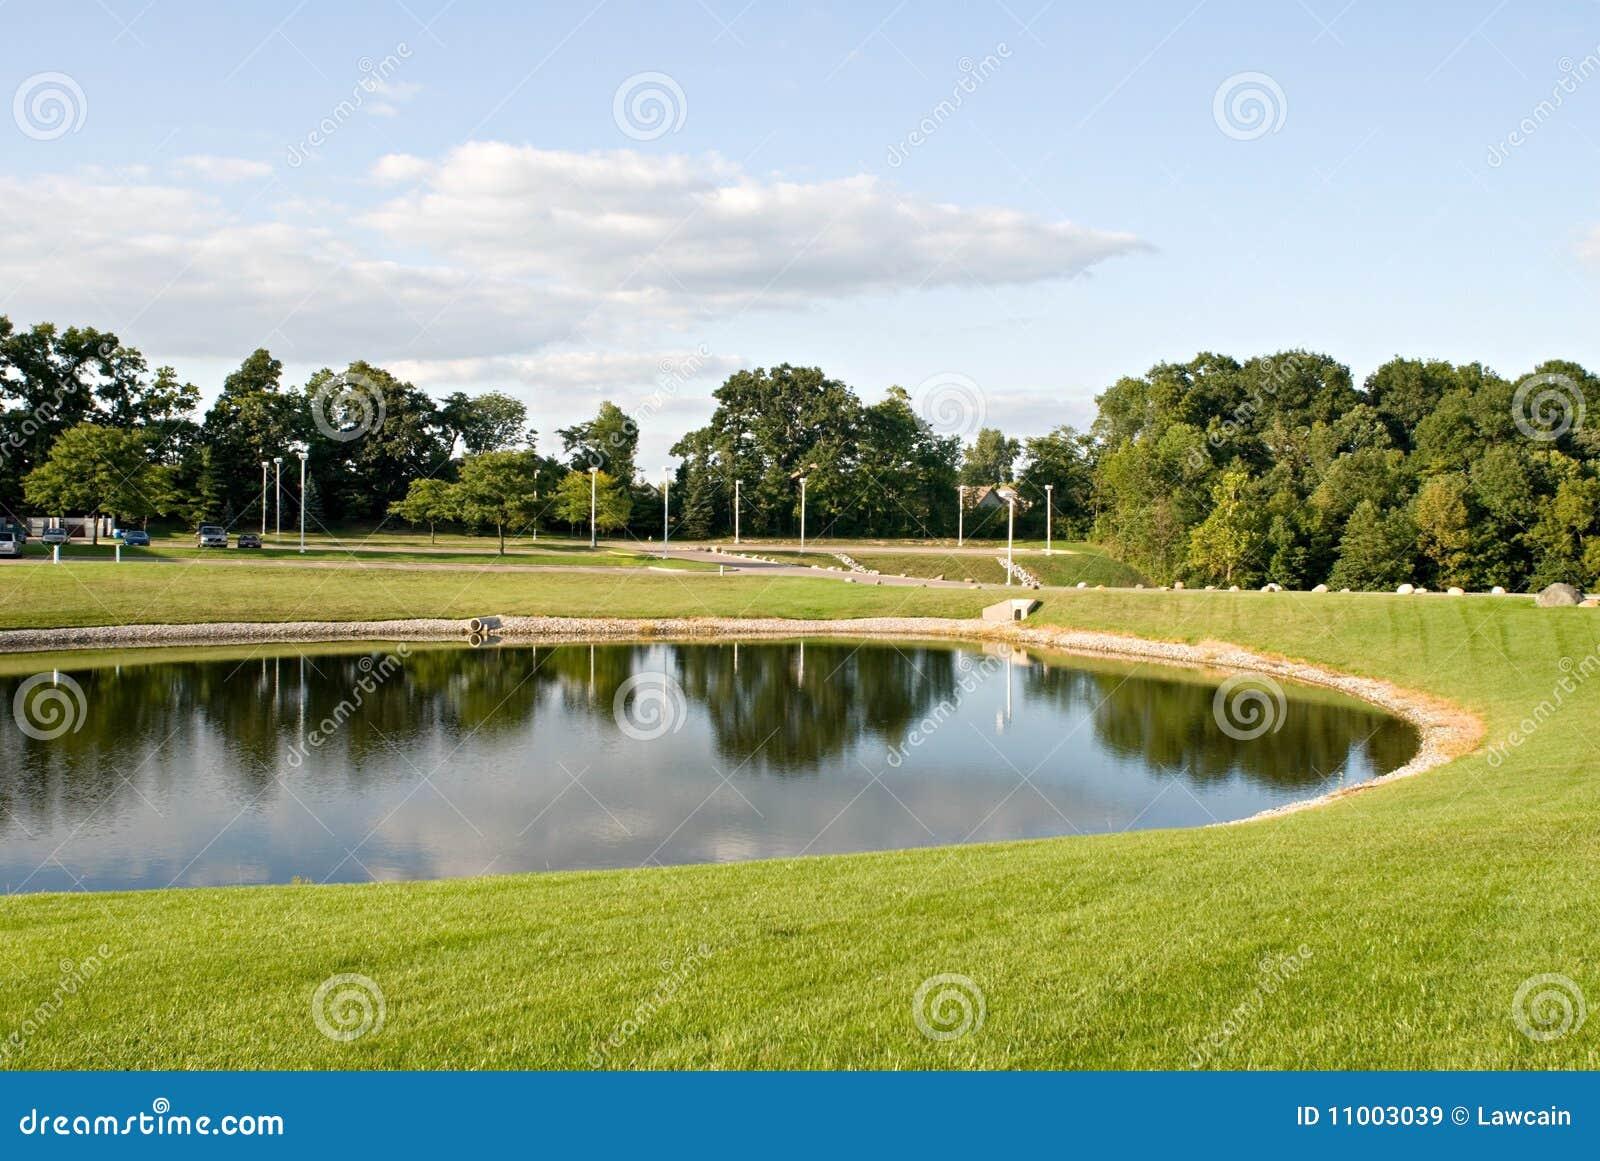 Pond landscape stock image image of calm green for Pond landscape